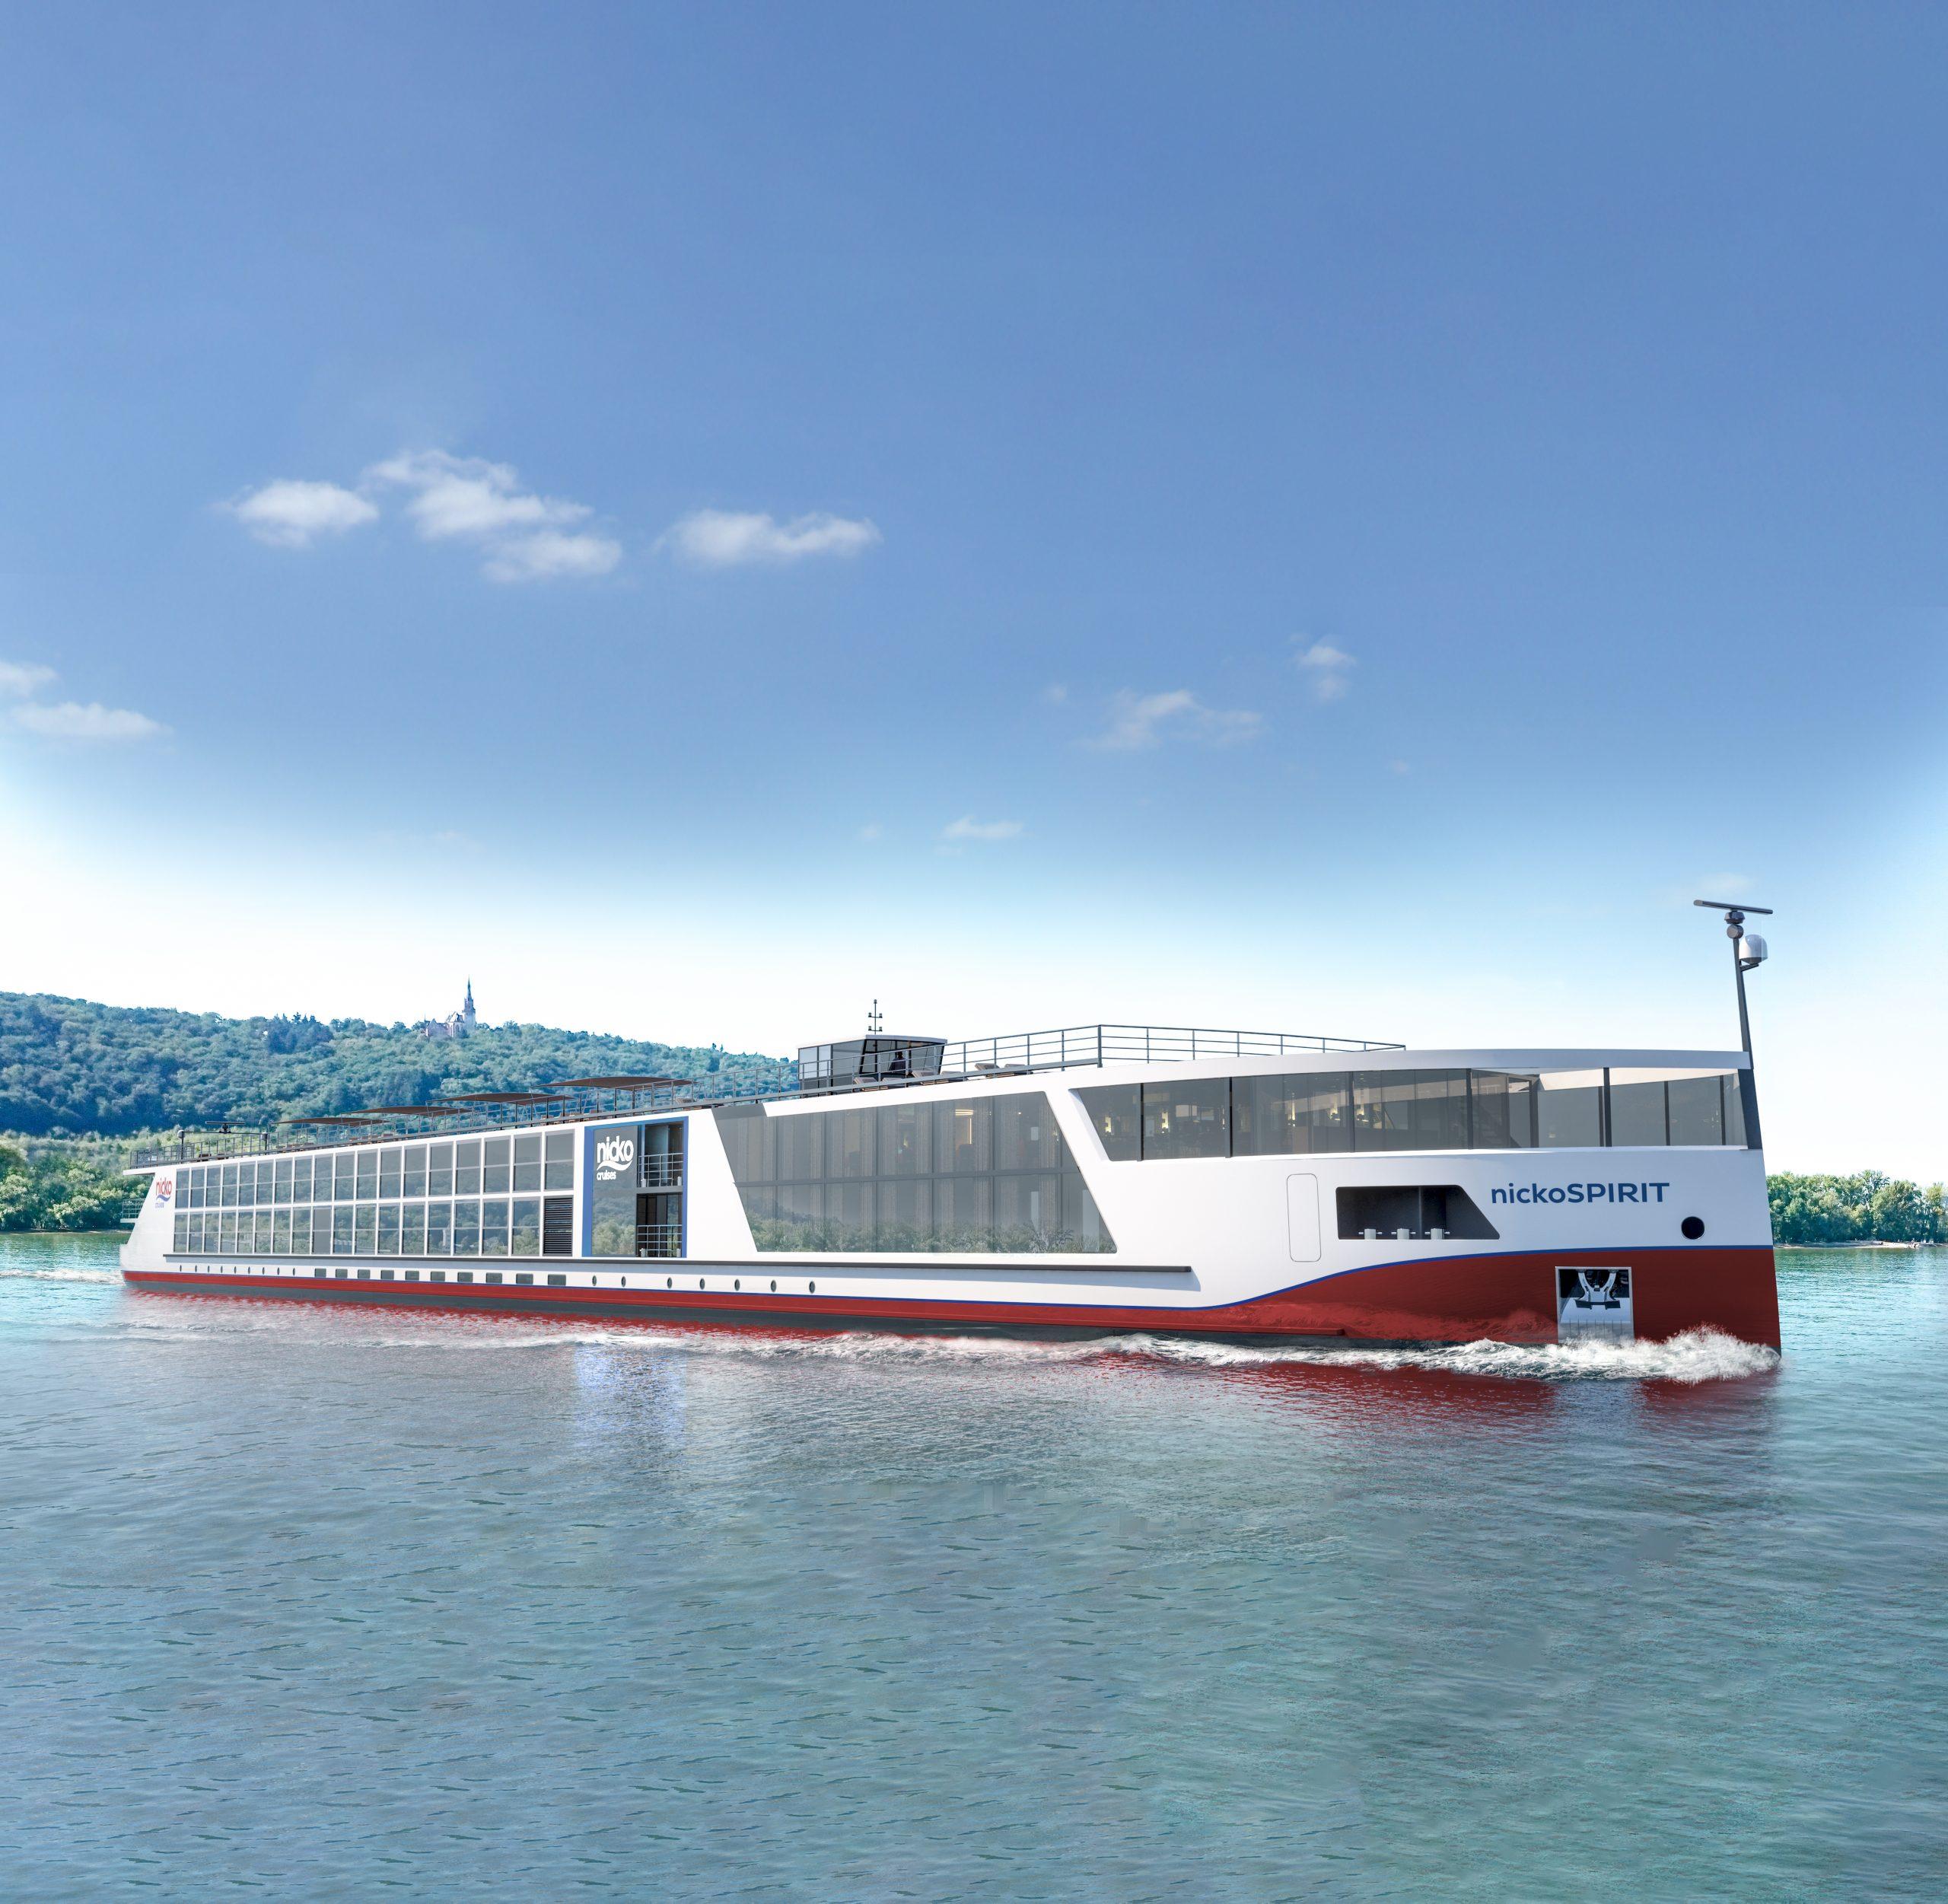 Am 9. Juni ist bei nicko cruises die Jungfernfahrt der nickoSPIRIT mit einer neuntägigen Reise entlang von Main, Main-Donau-Kanal und Donau.